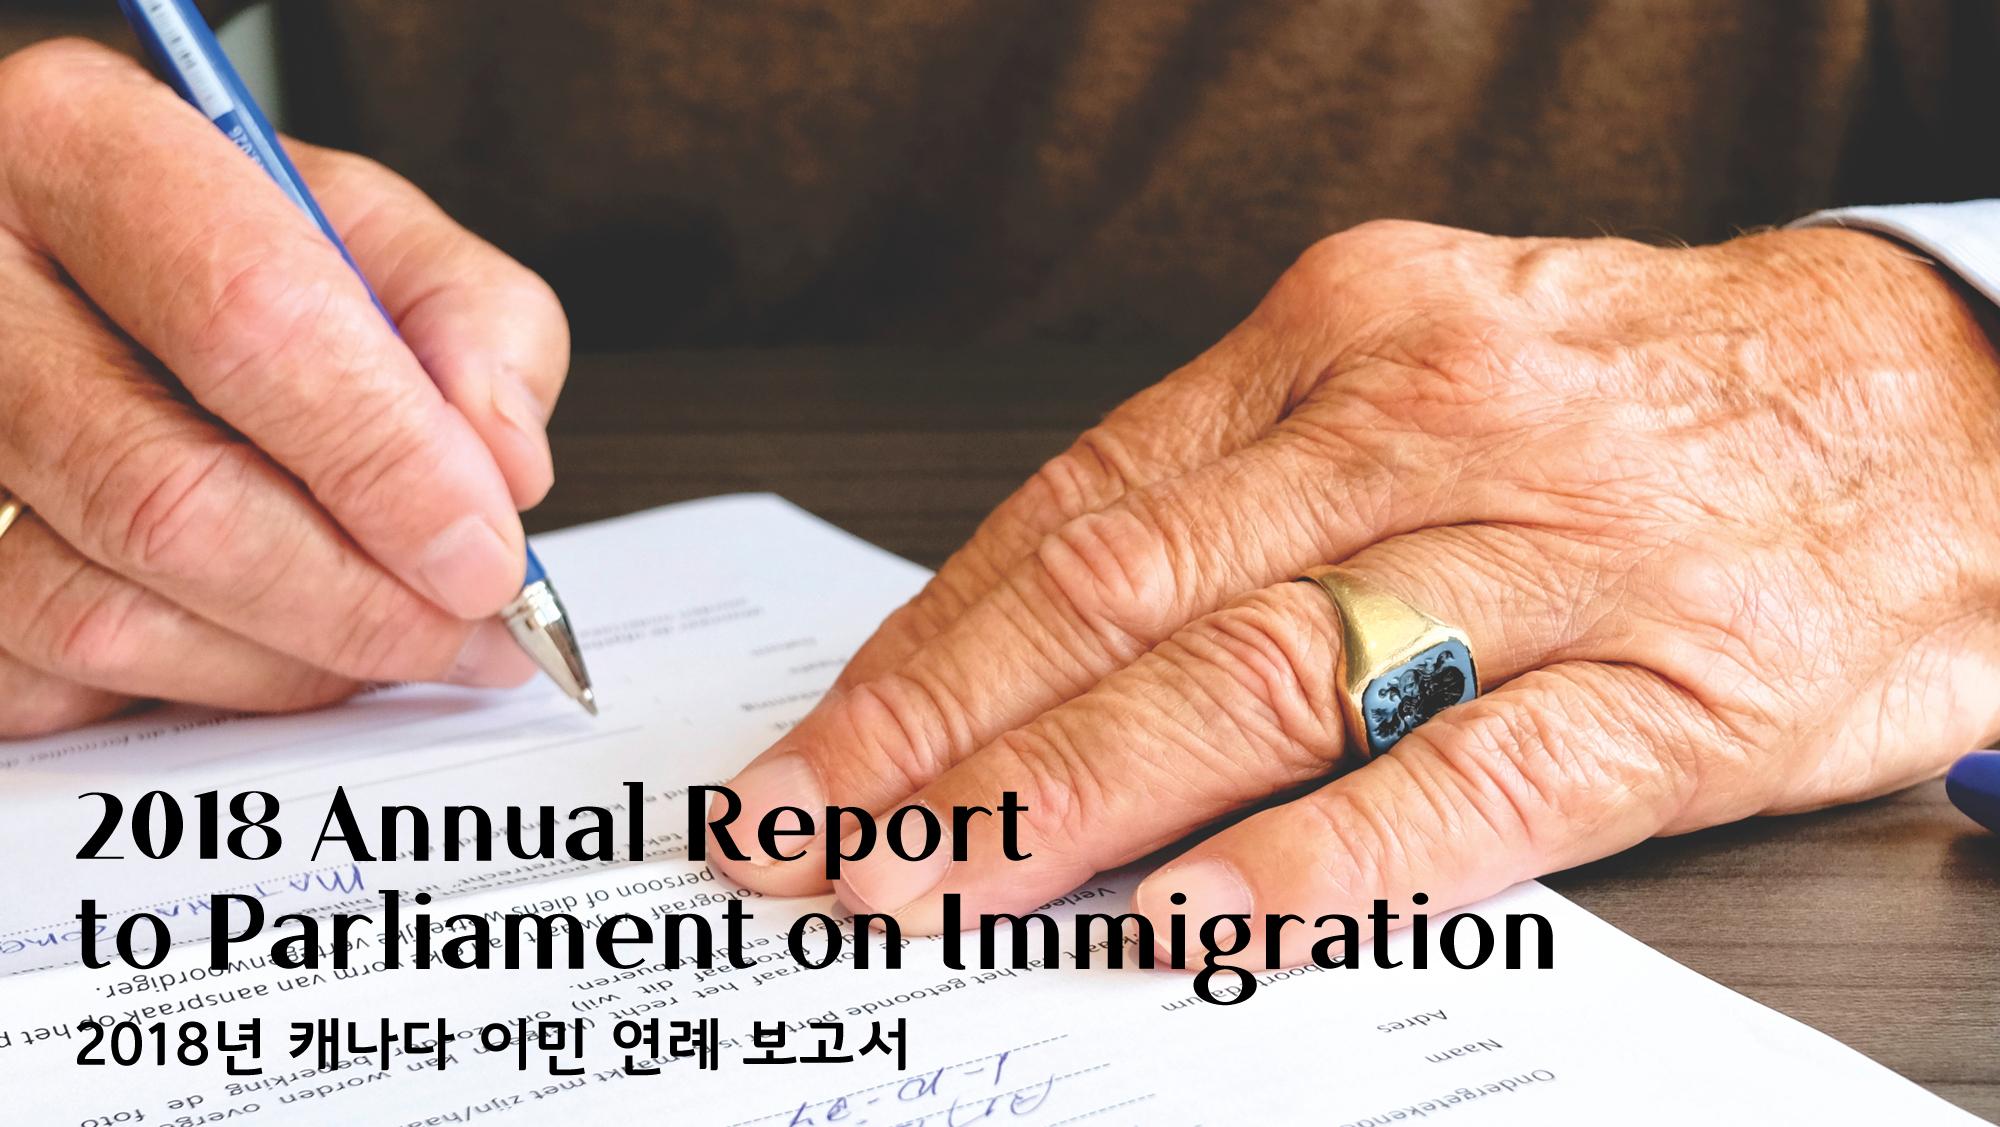 2018년 캐나다 이민 연례 보고서